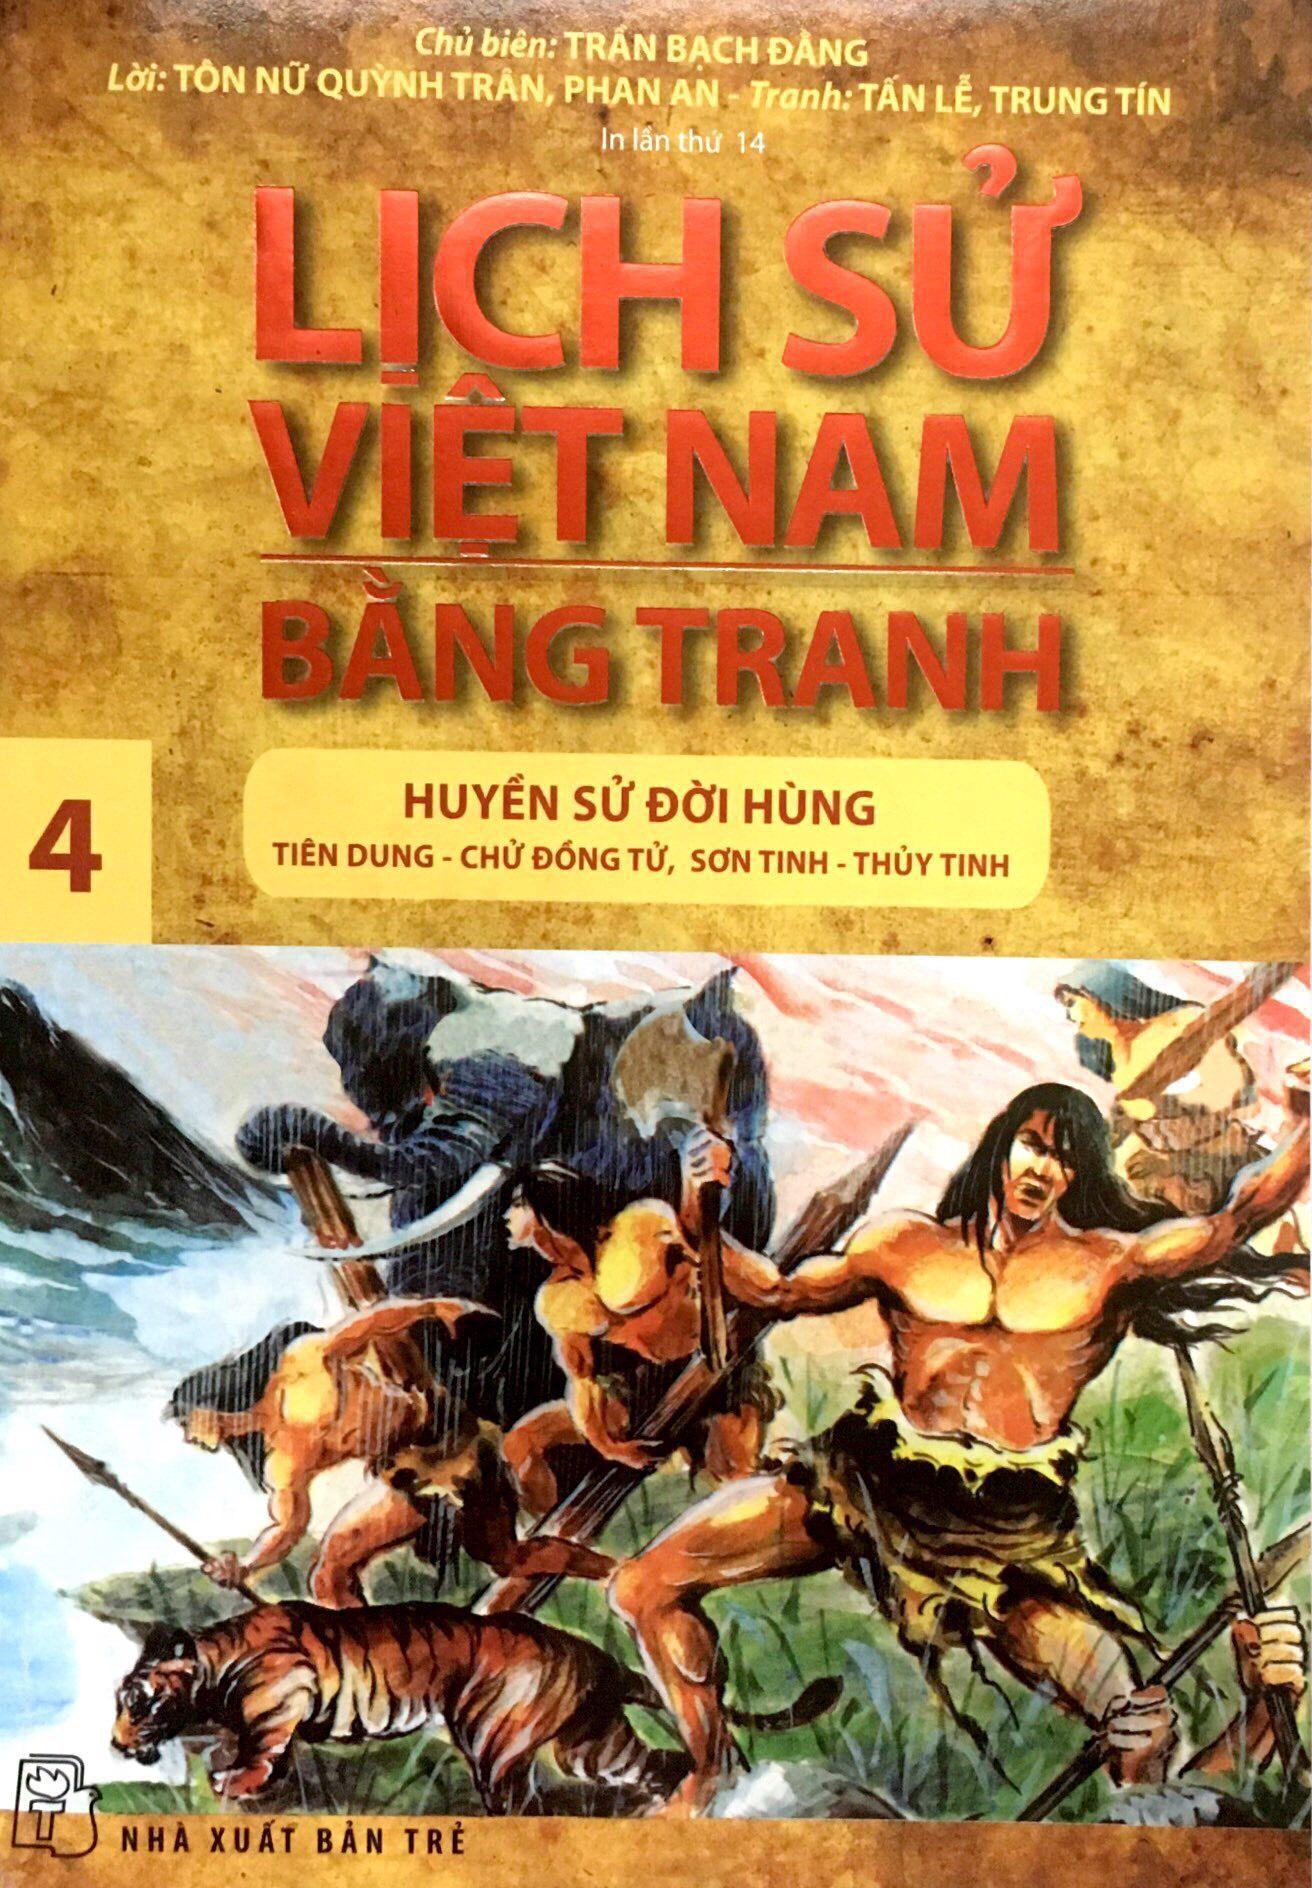 Mua Lịch sử Việt Nam bằng tranh - Tập 04: Huyền sử đời Hùng: Tiên Dung - Chử Đồng Tử, Sơn Tinh - Thủy Tinh